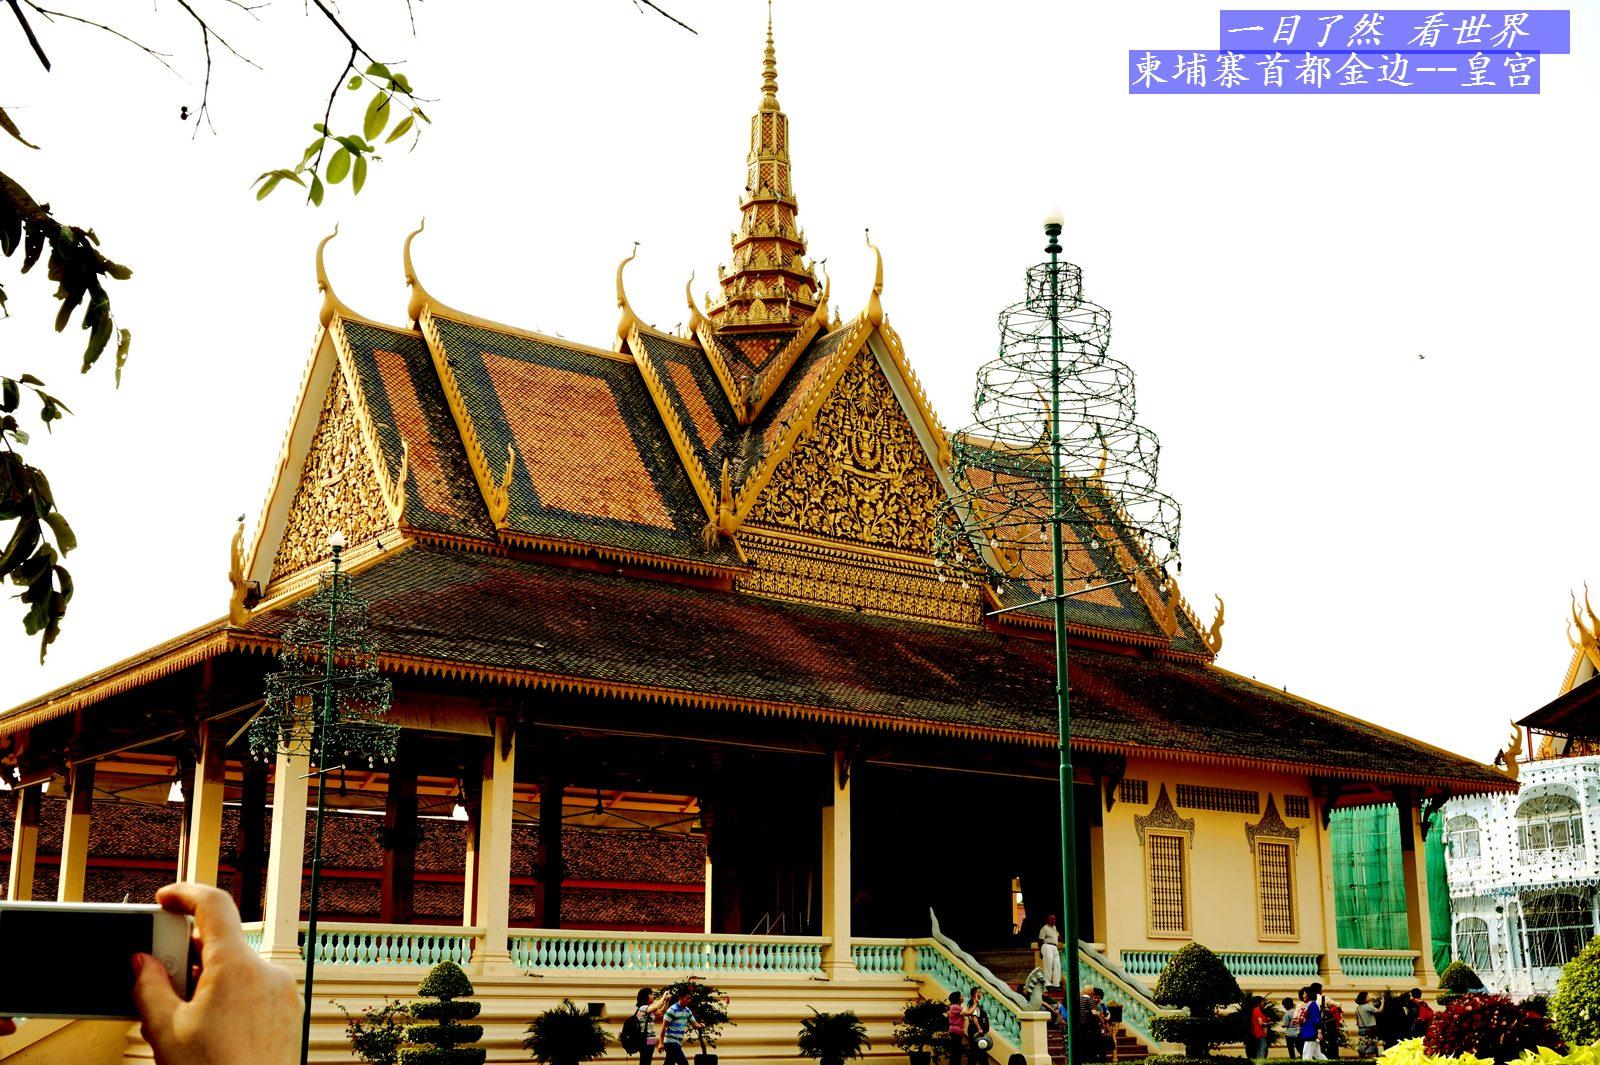 柬埔寨皇宫-30-1600.jpg